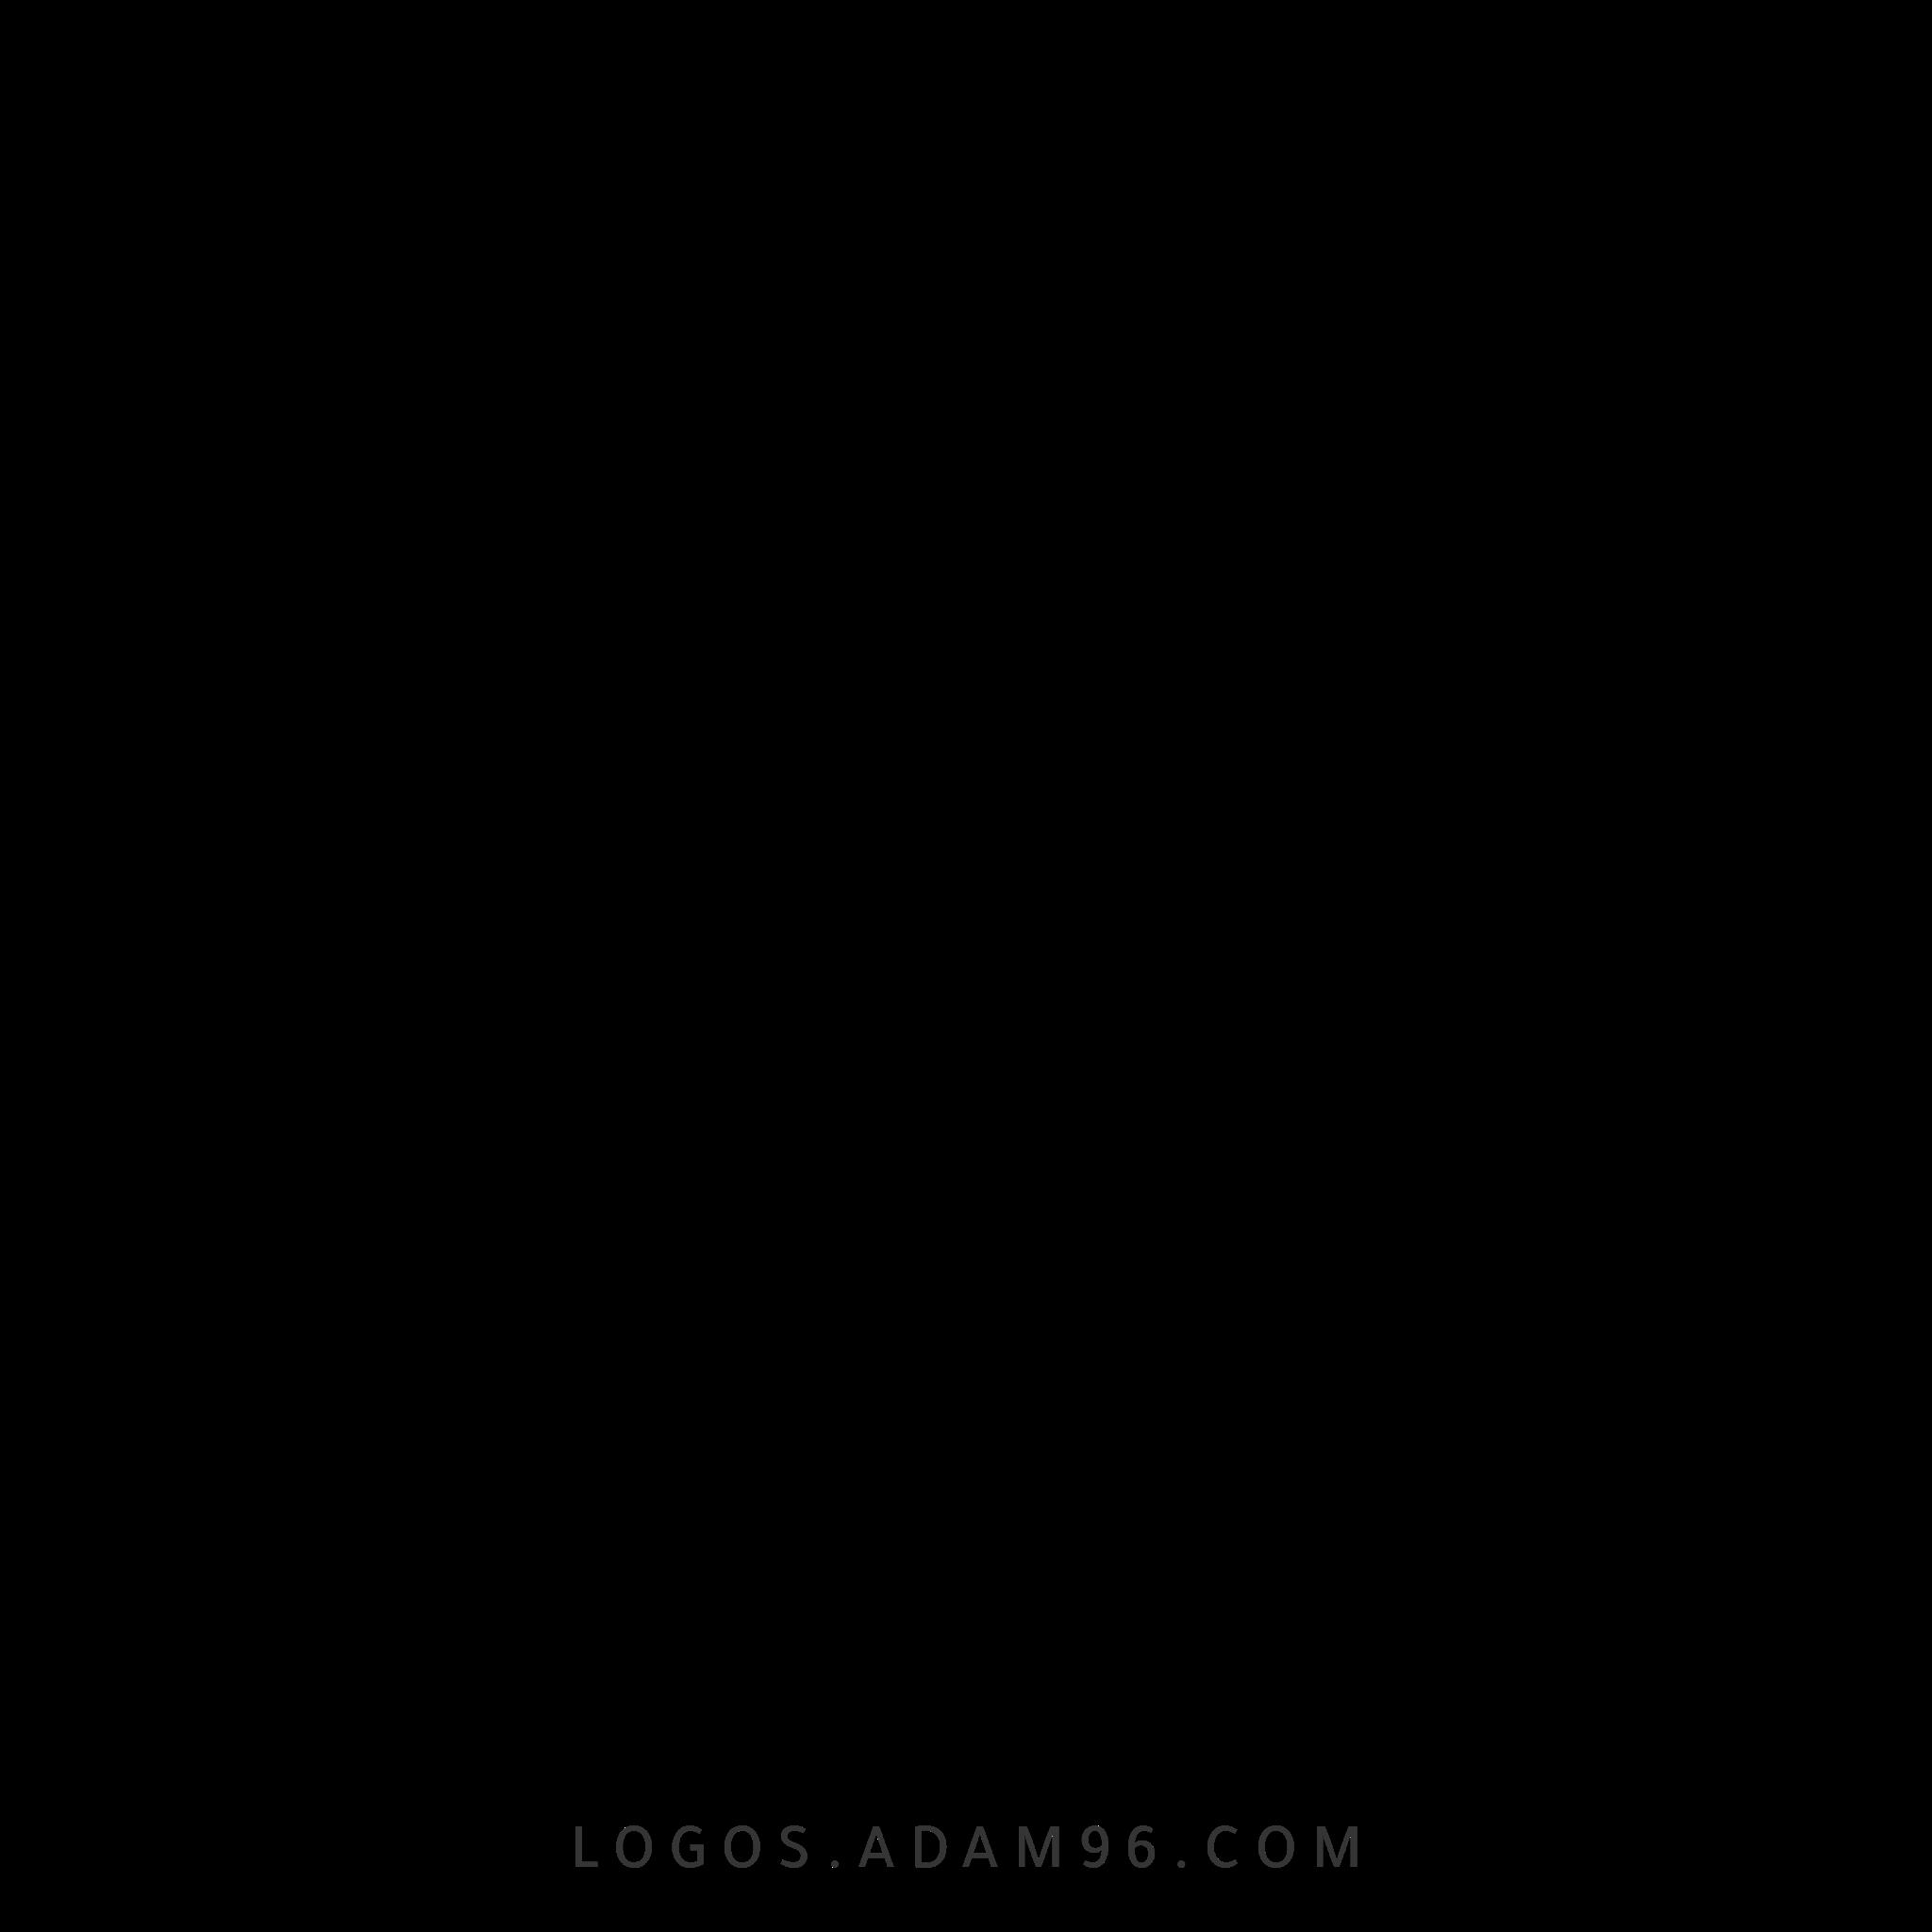 تحميل شعار شركة تقنيات استكشاف الفضاء سبيس إكس Logo SpaceX PNG